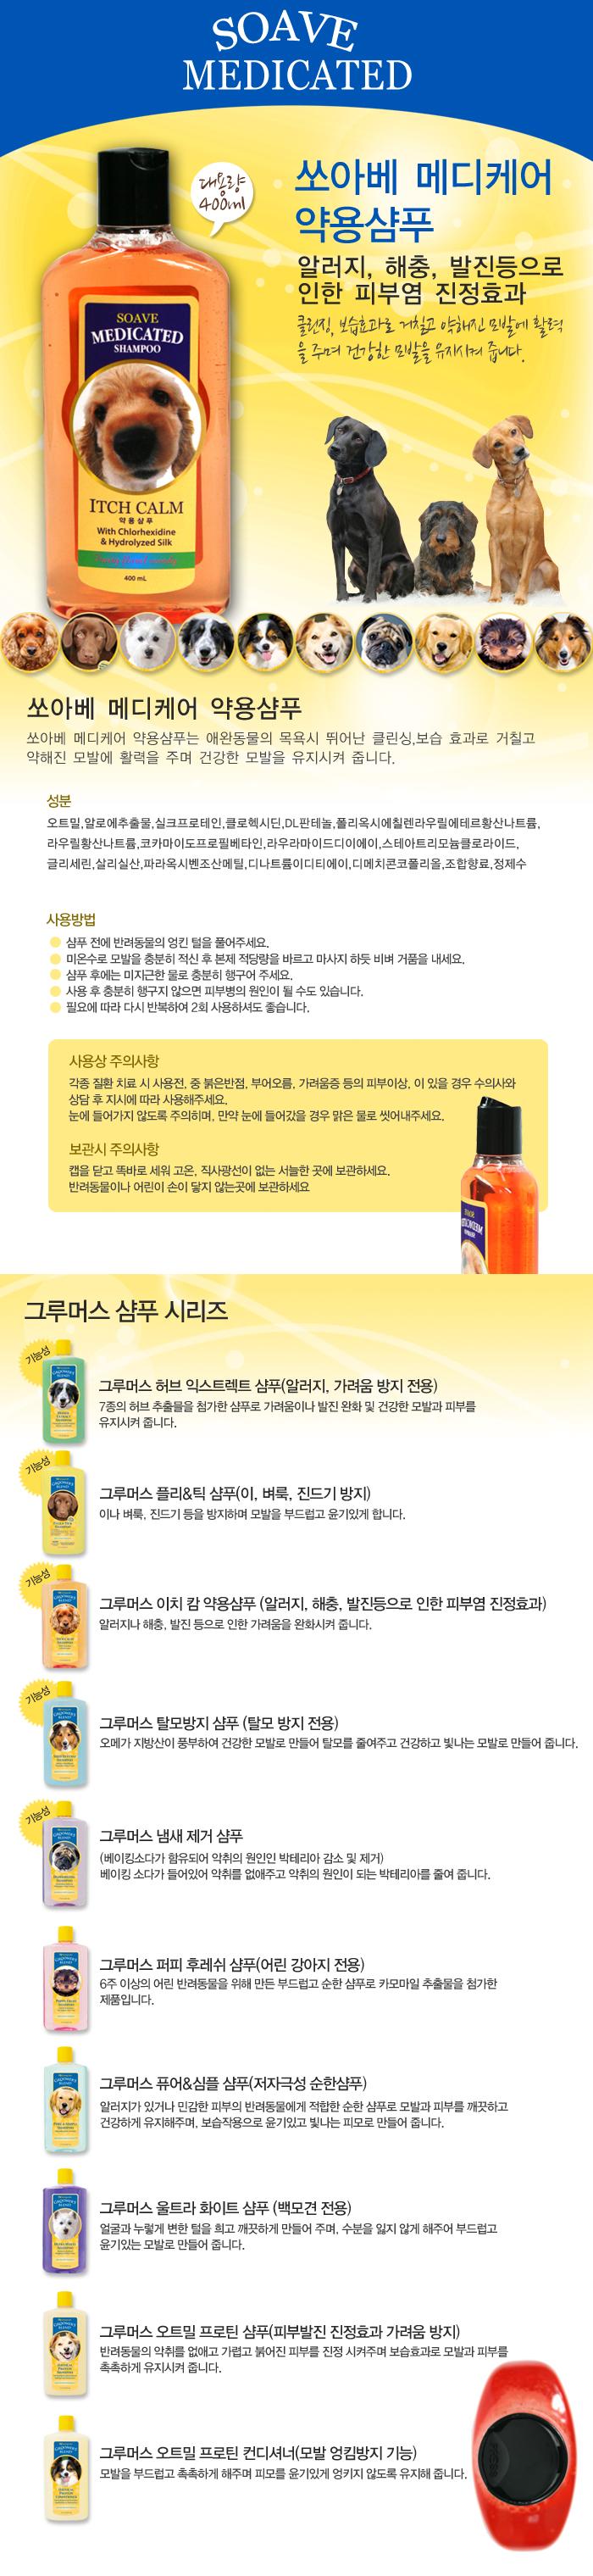 쏘아베 메디케어 이치캄 약용샴푸 400ml - 쏘아베, 6,980원, 미용/목욕용품, 샴푸/린스